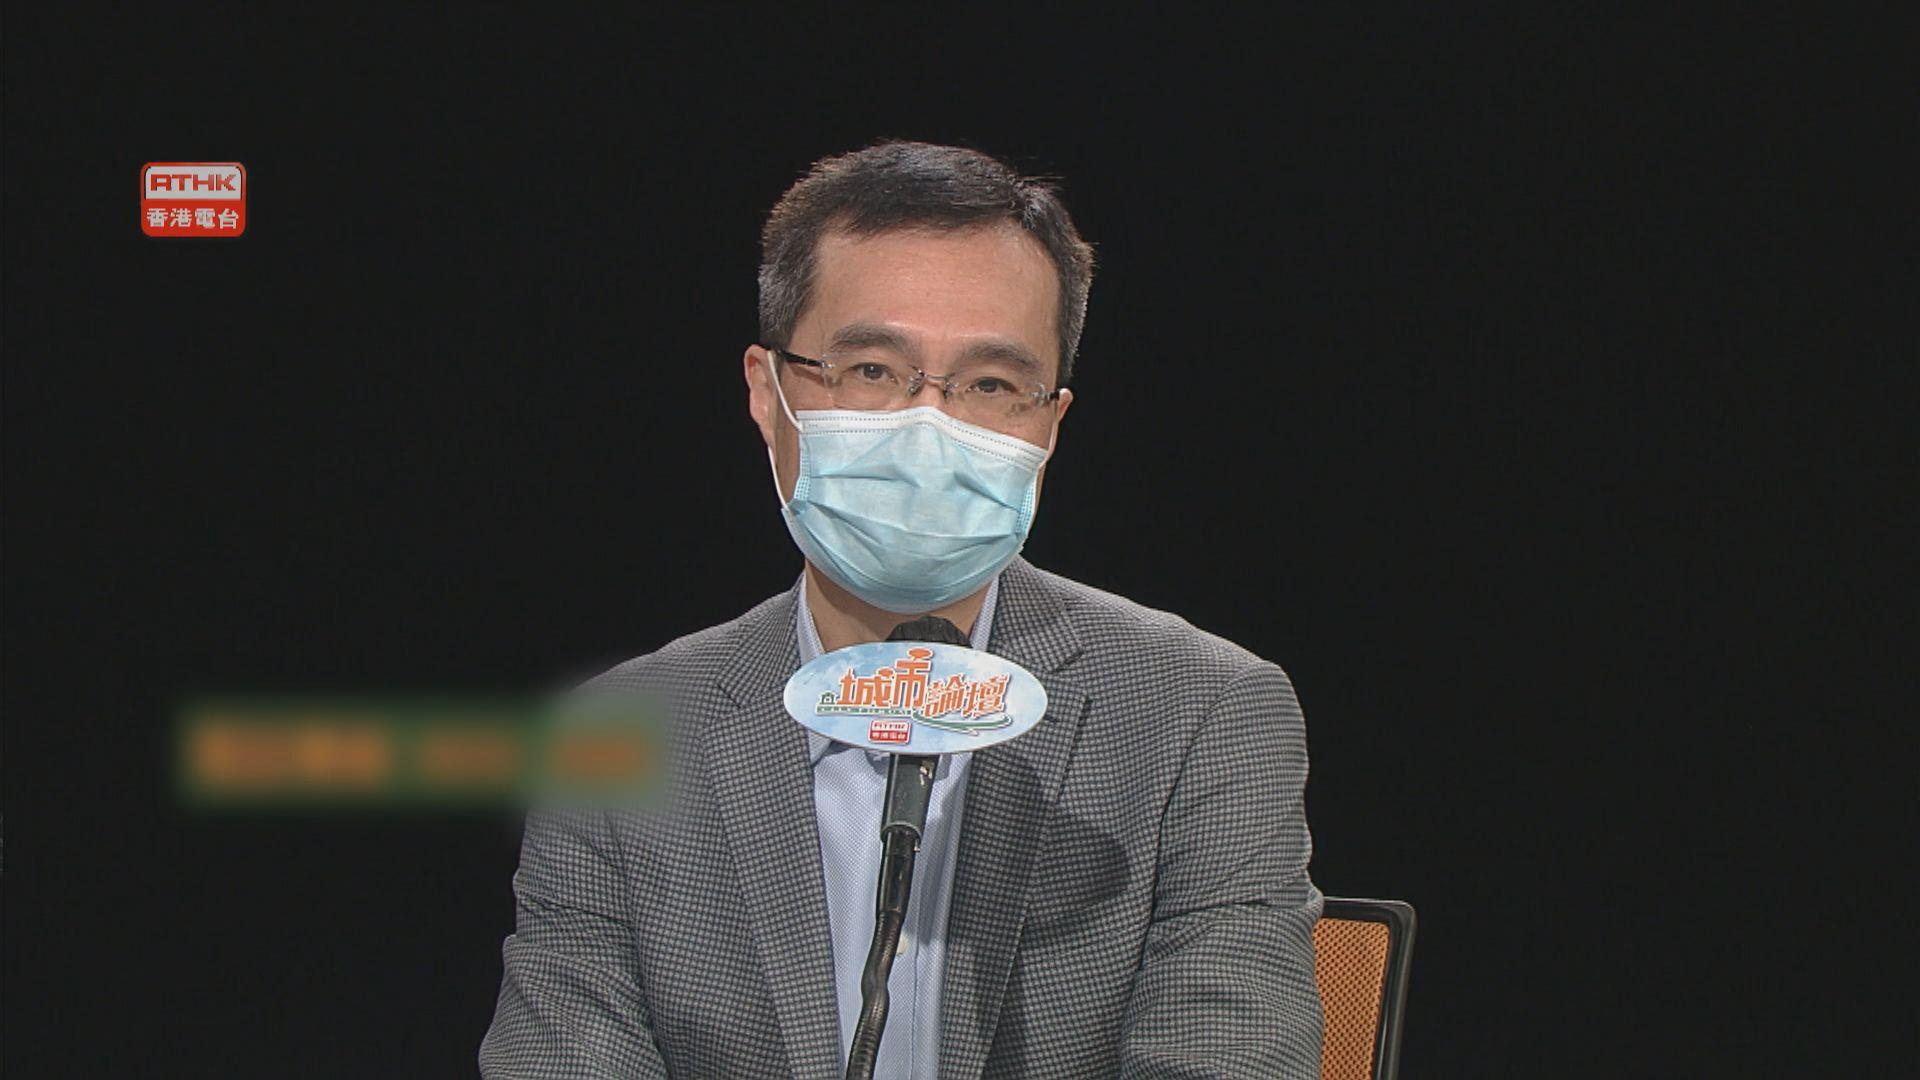 醫管局港島東聯網總監:找到些N95替代品讓醫護試戴